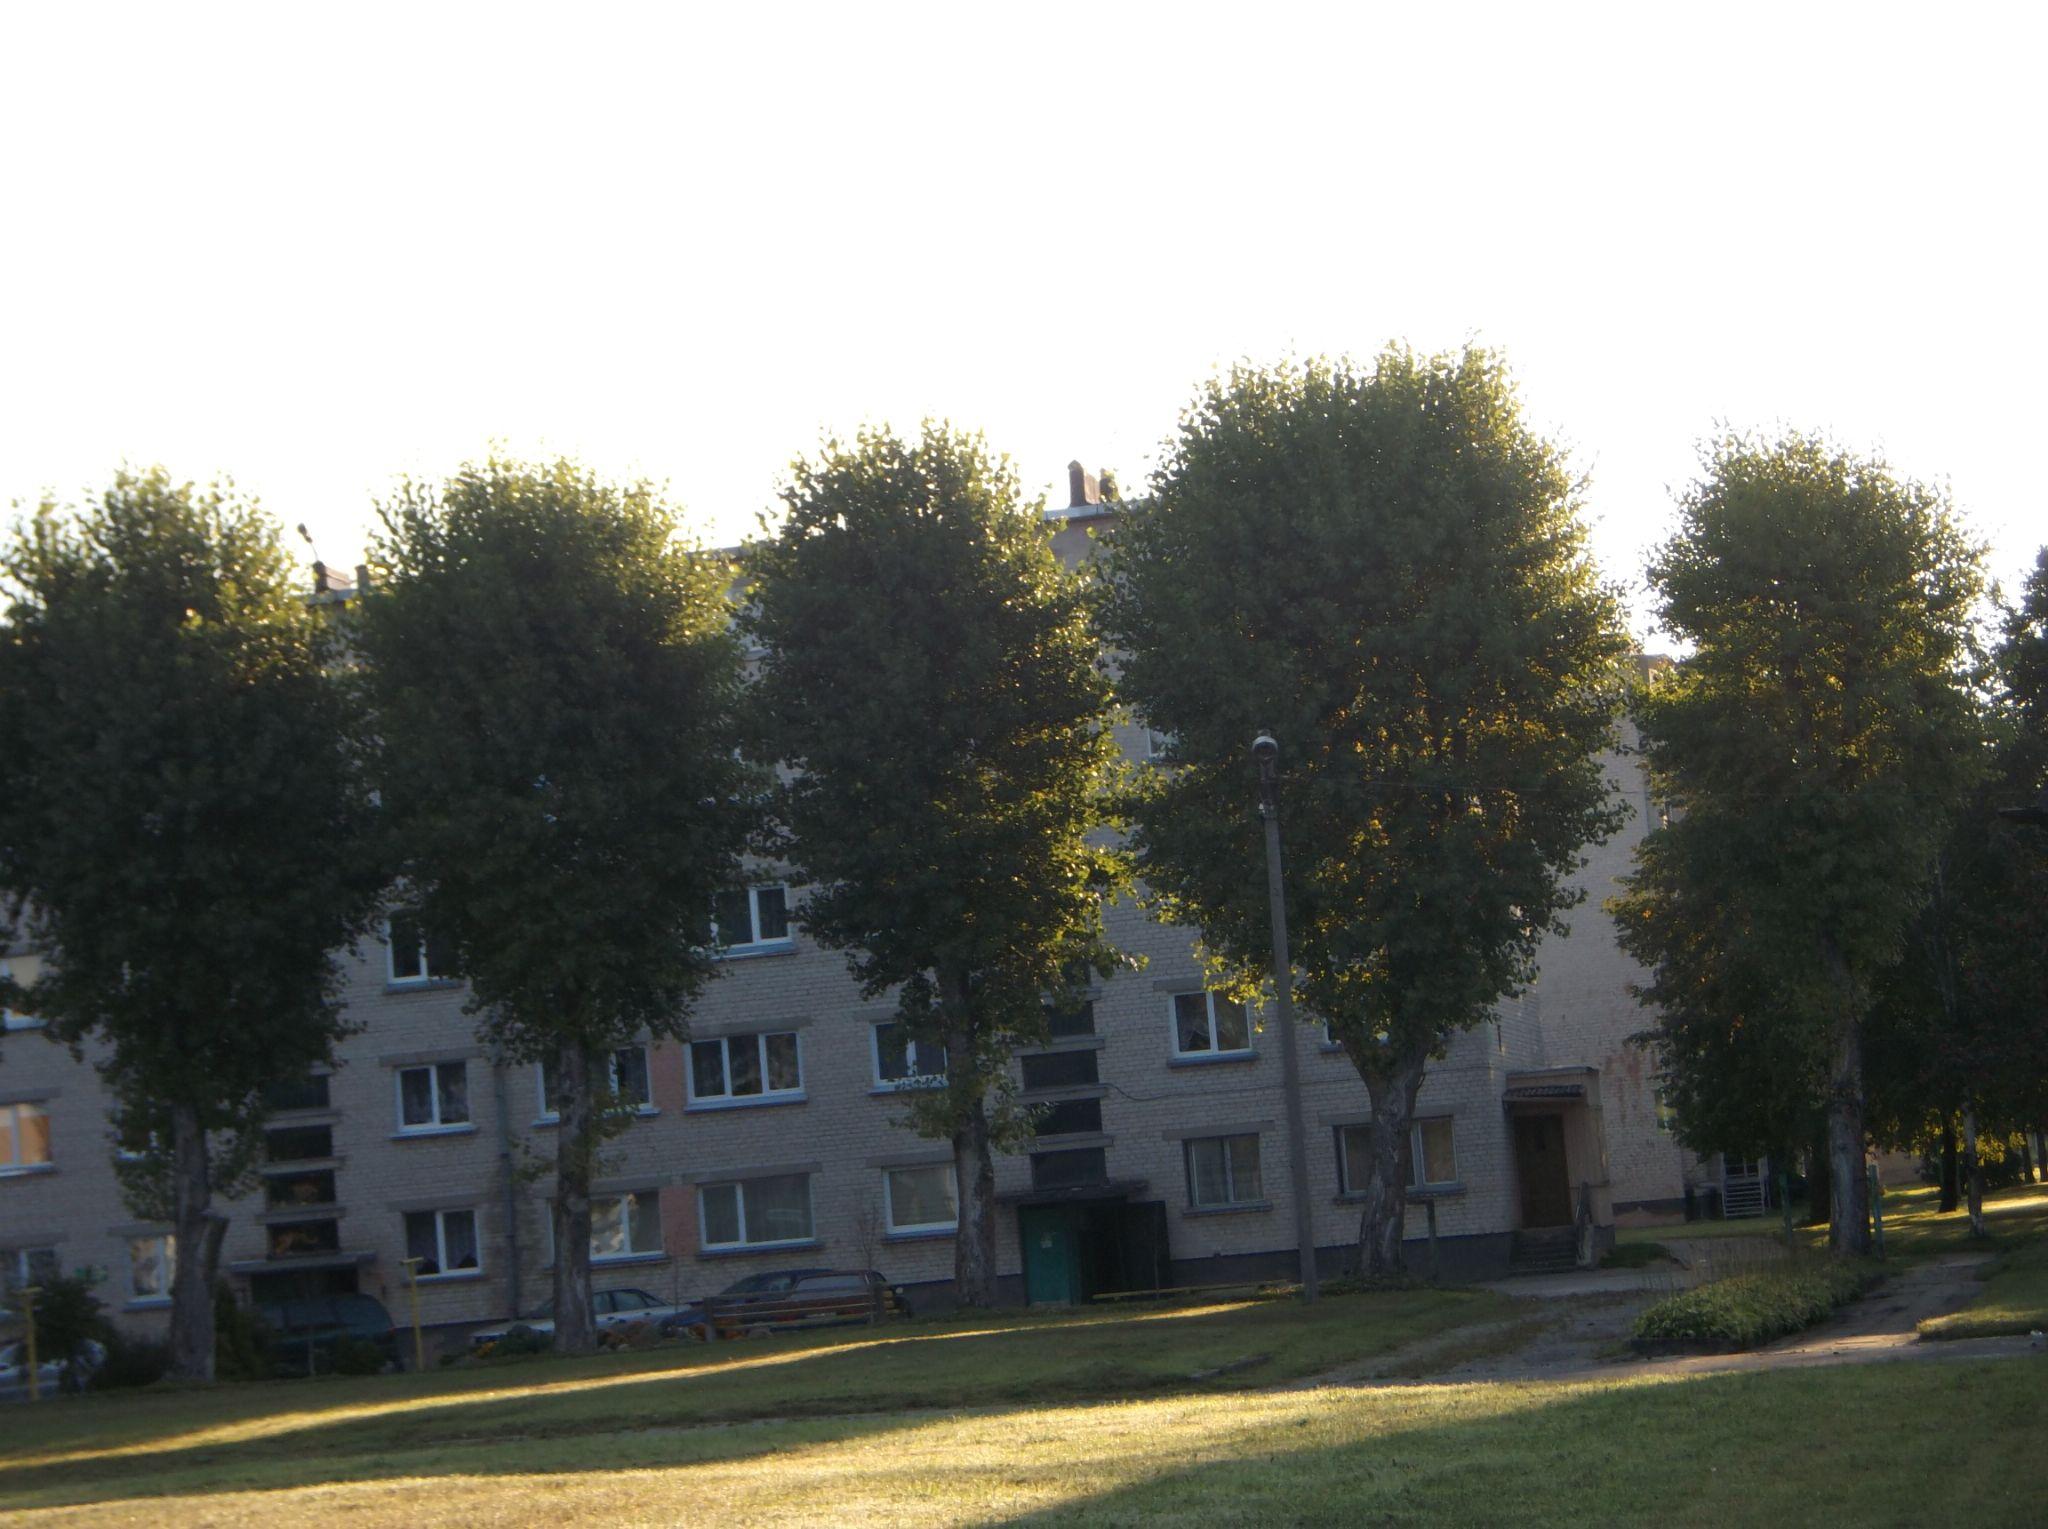 Trees to house. by Zita Užkuraitienė